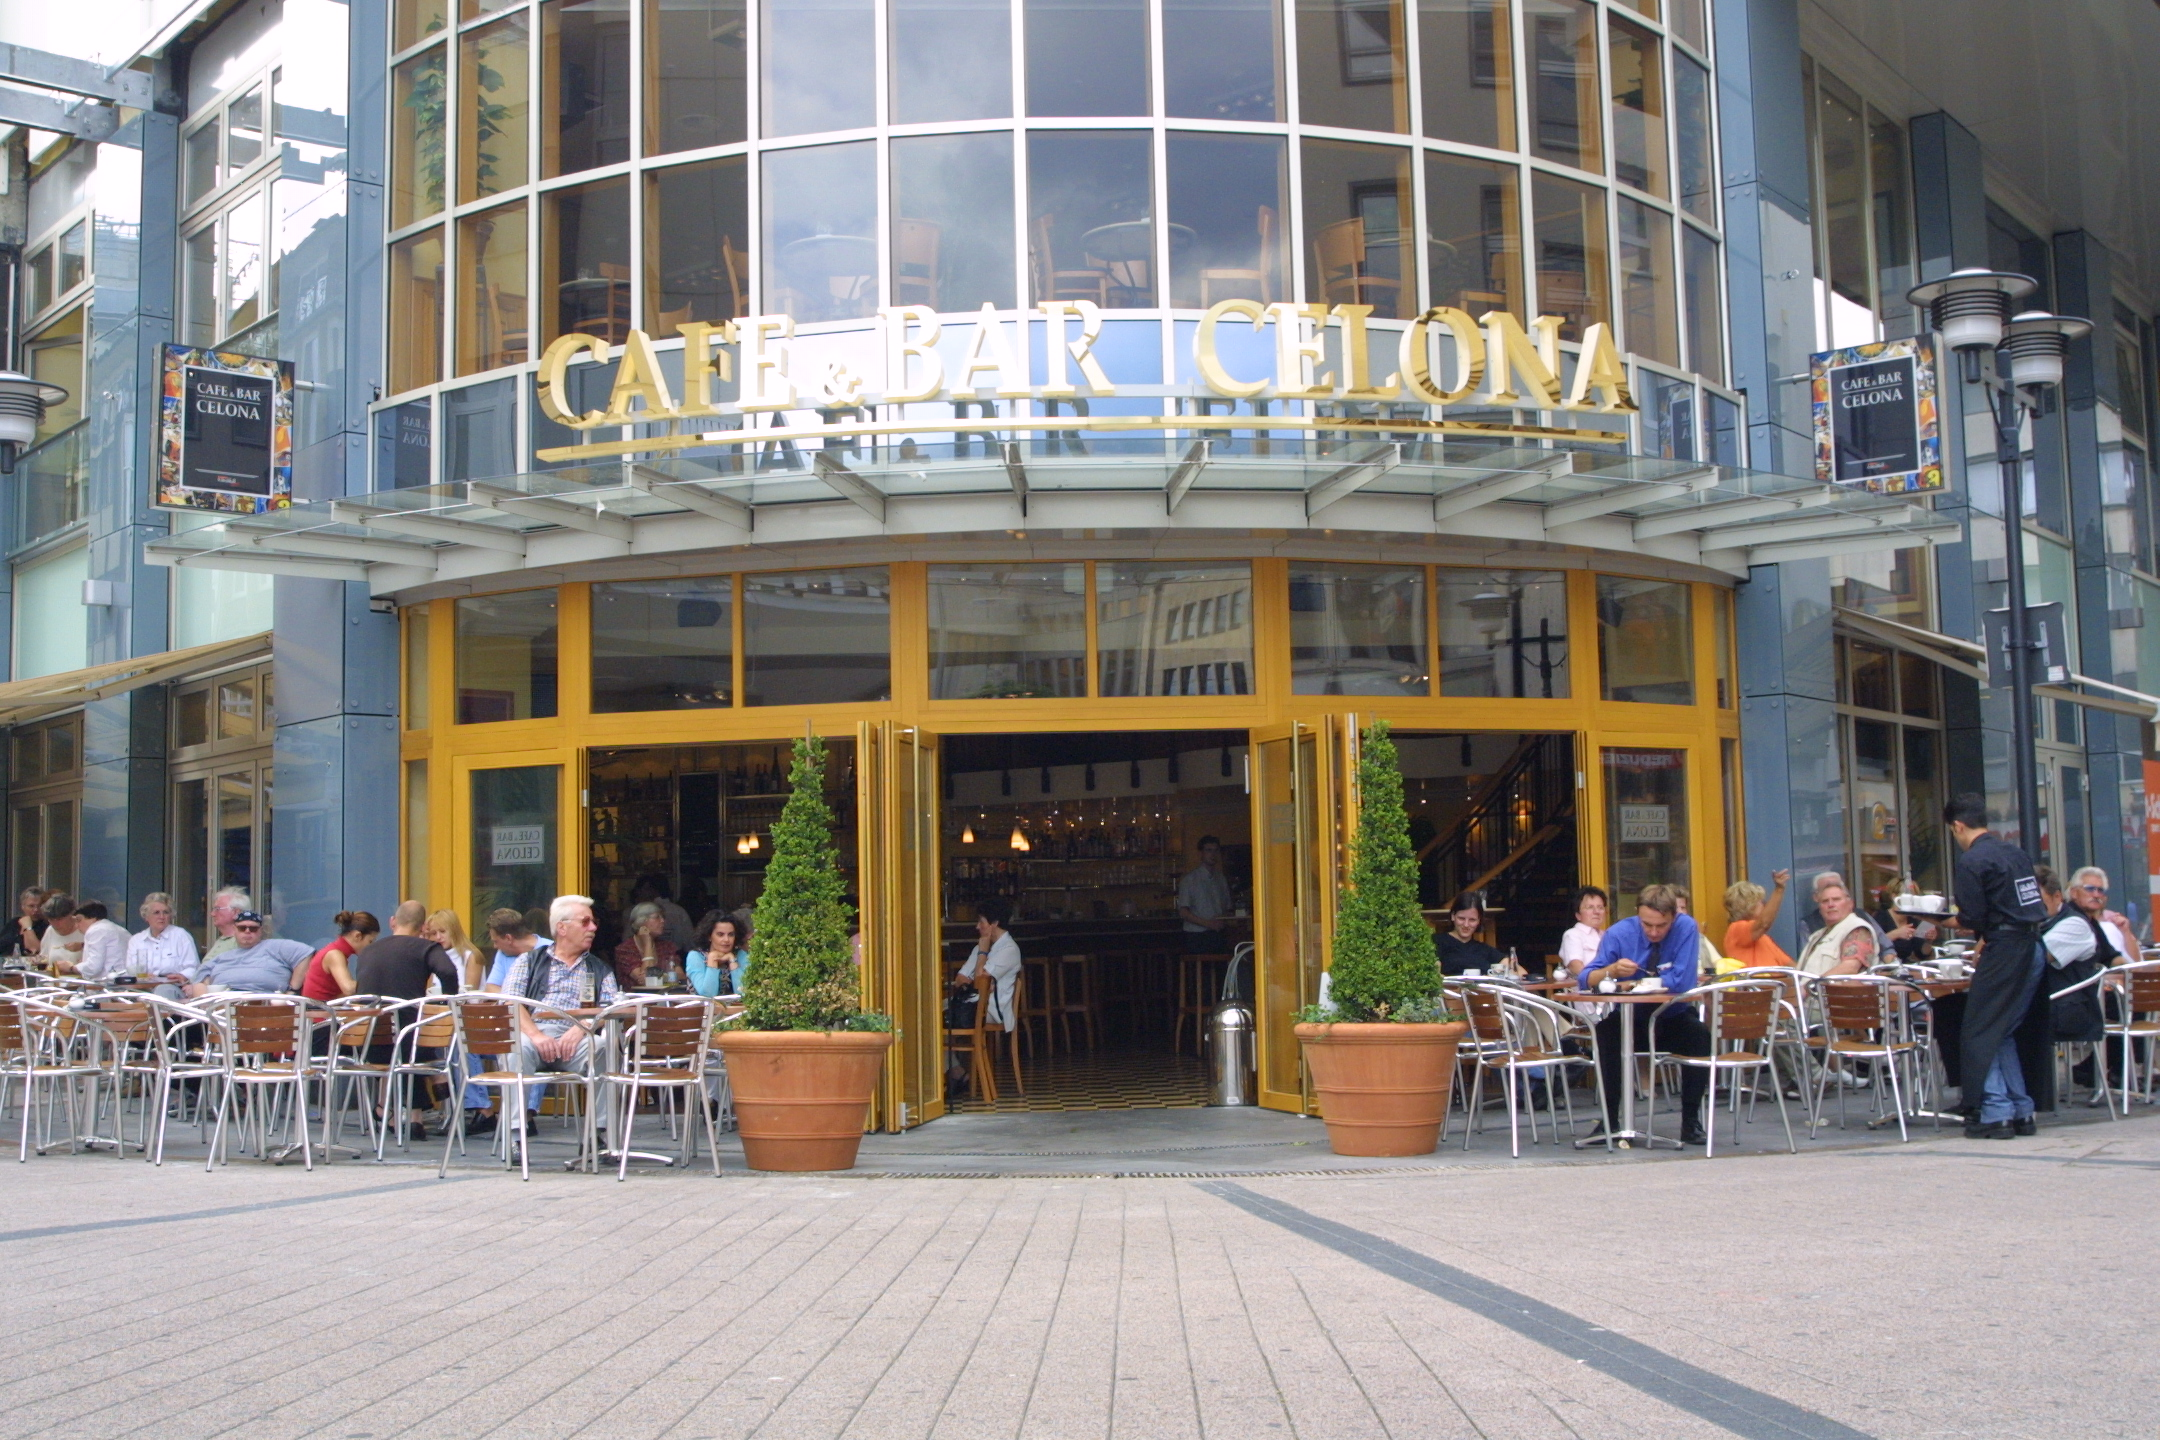 Cafe De Cafe Bochum